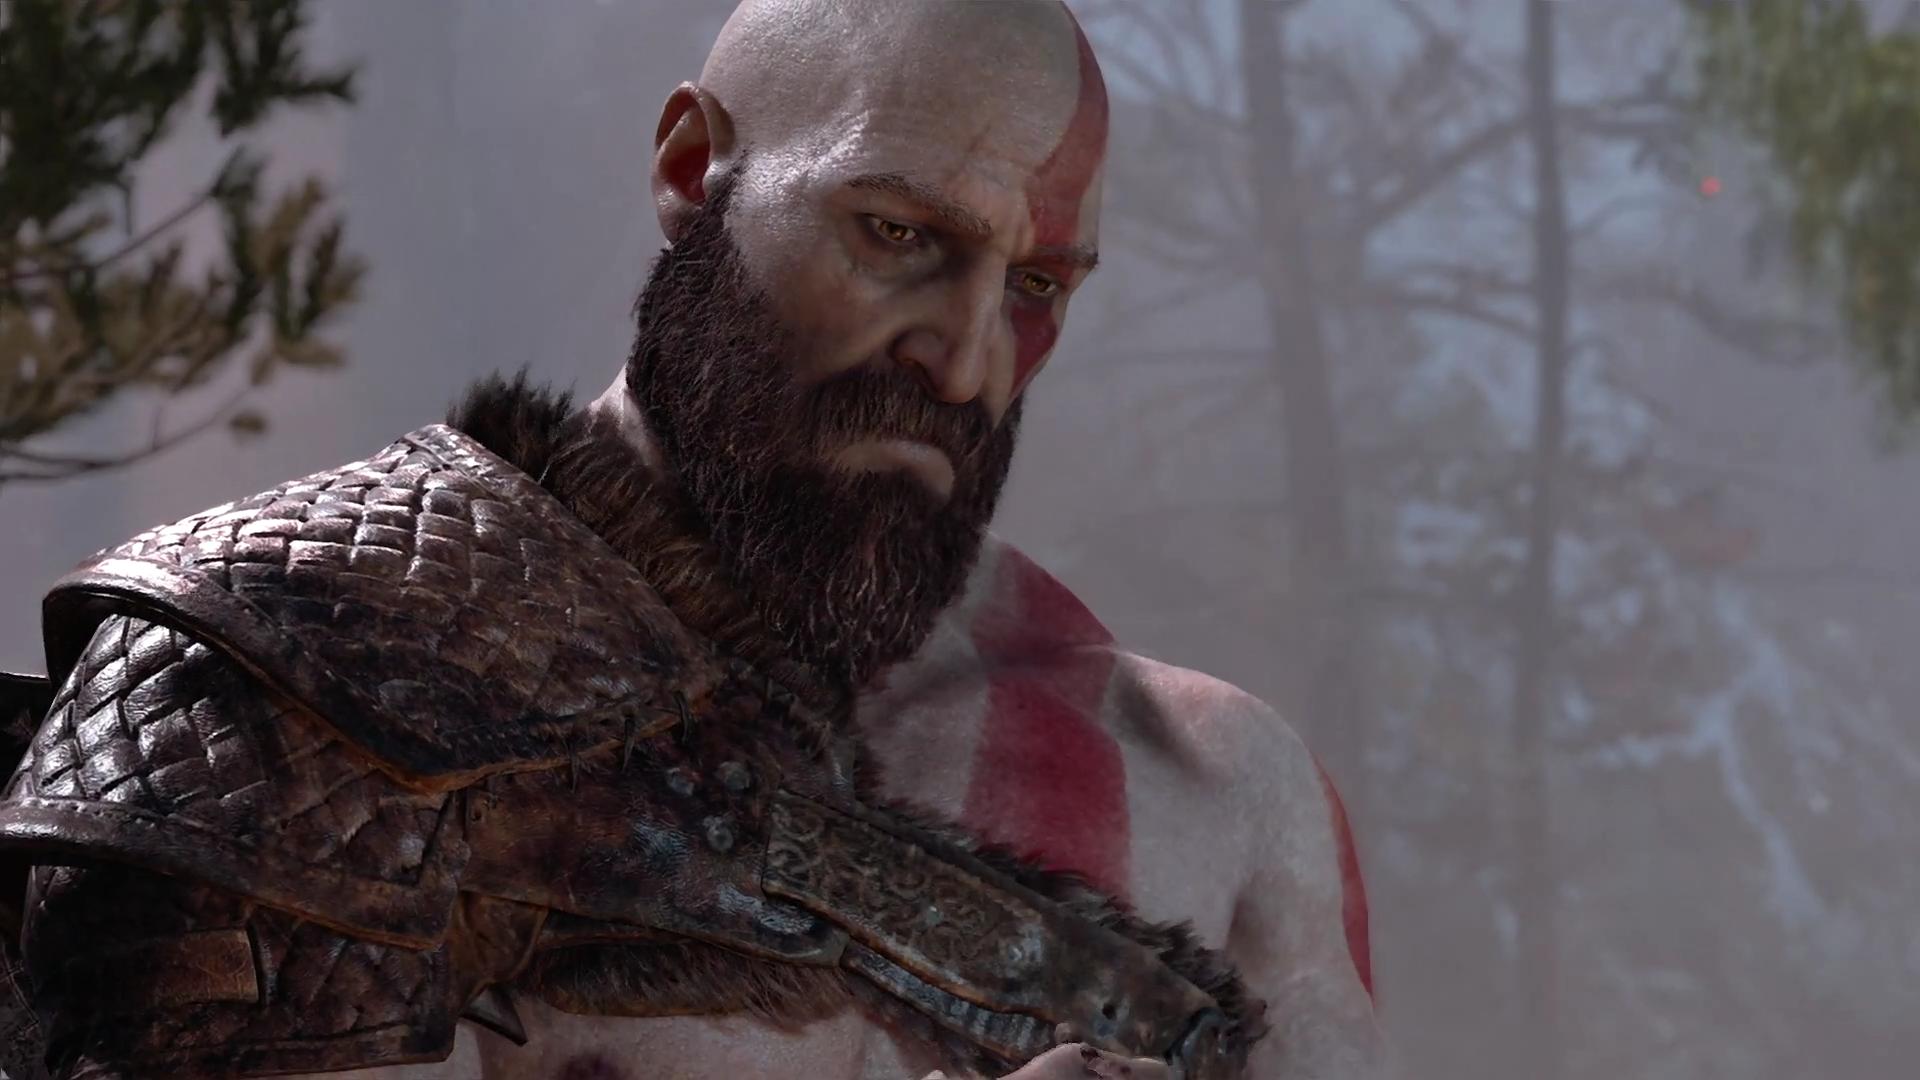 Wallpaper God Of War Kratos Video Games God Of War 2018